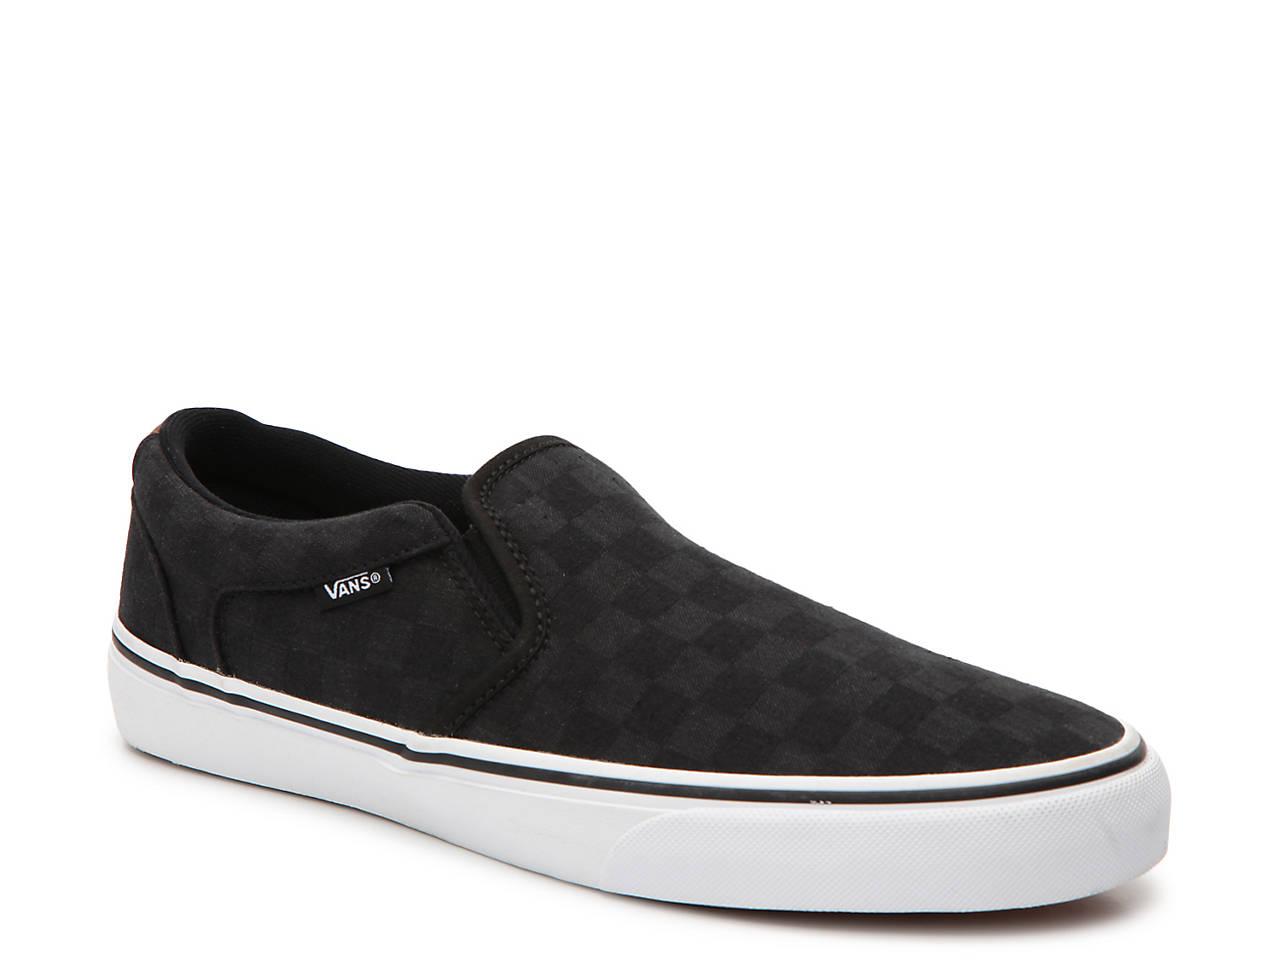 aacf874ad Vans Asher Deluxe Slip-On Sneaker - Men s Men s Shoes